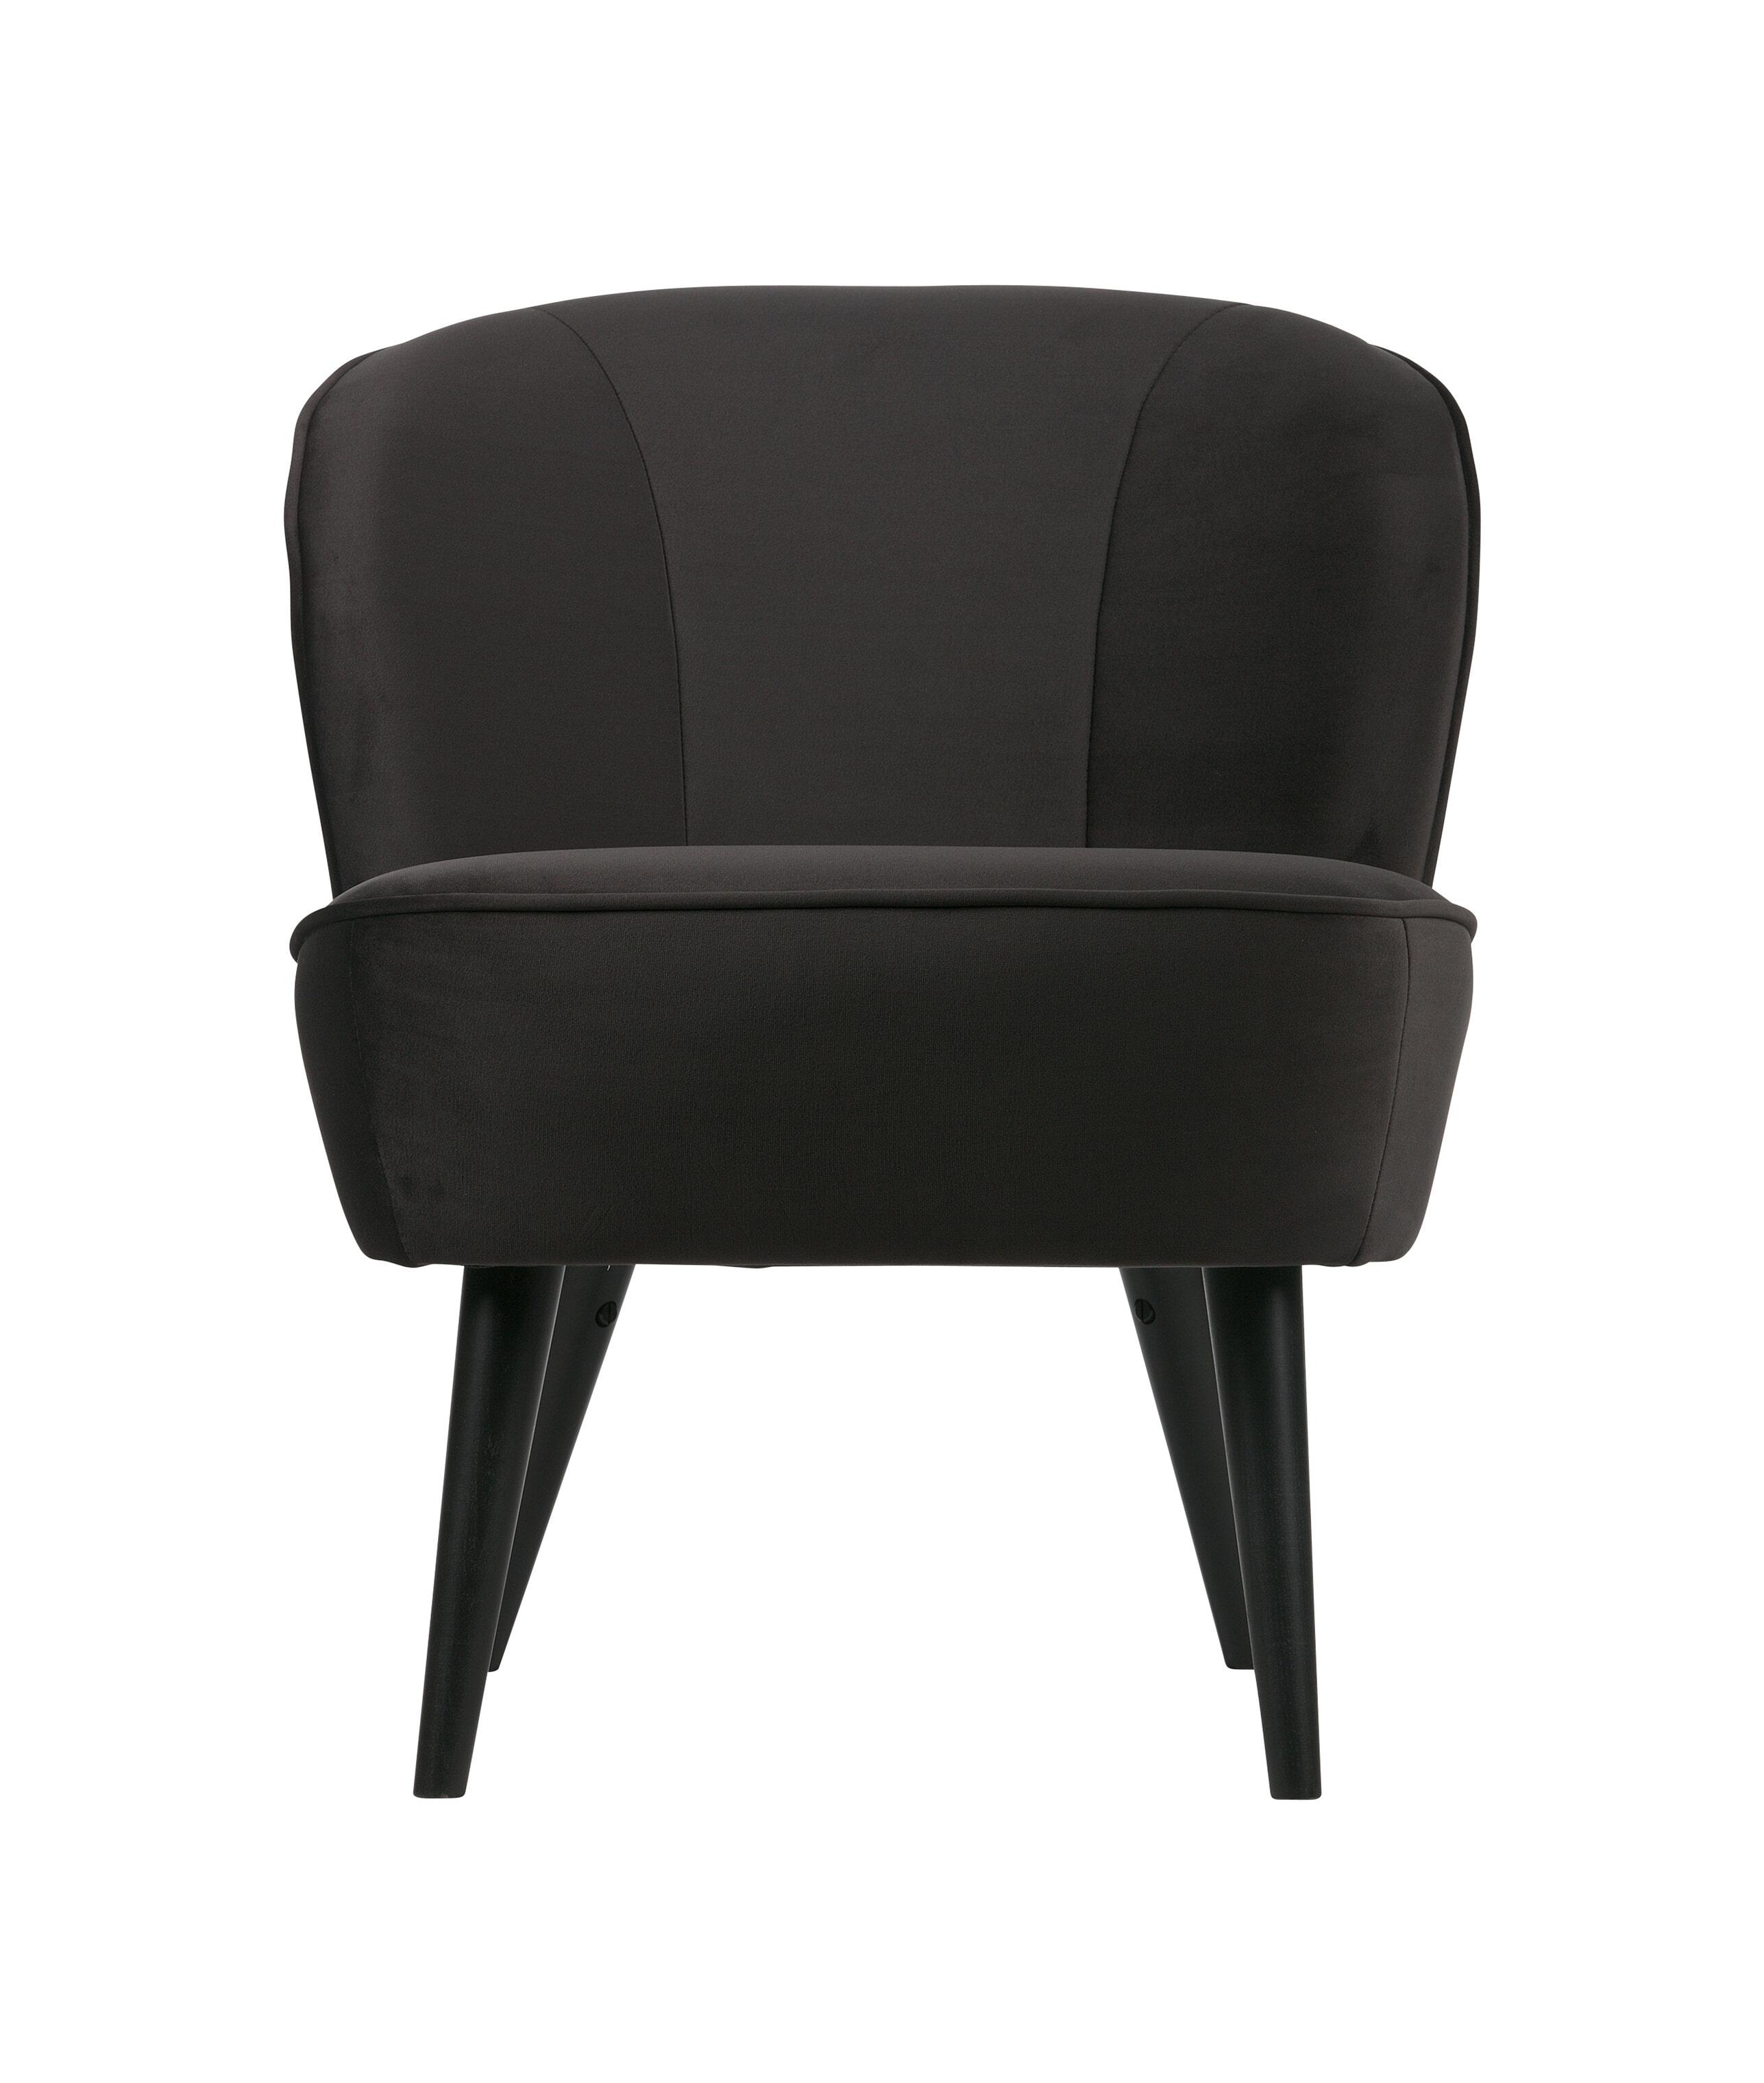 Uw partner in meubels: WOOOD Fauteuil 'Sara', kleur Antraciet Zitmeubelen | Fauteuils